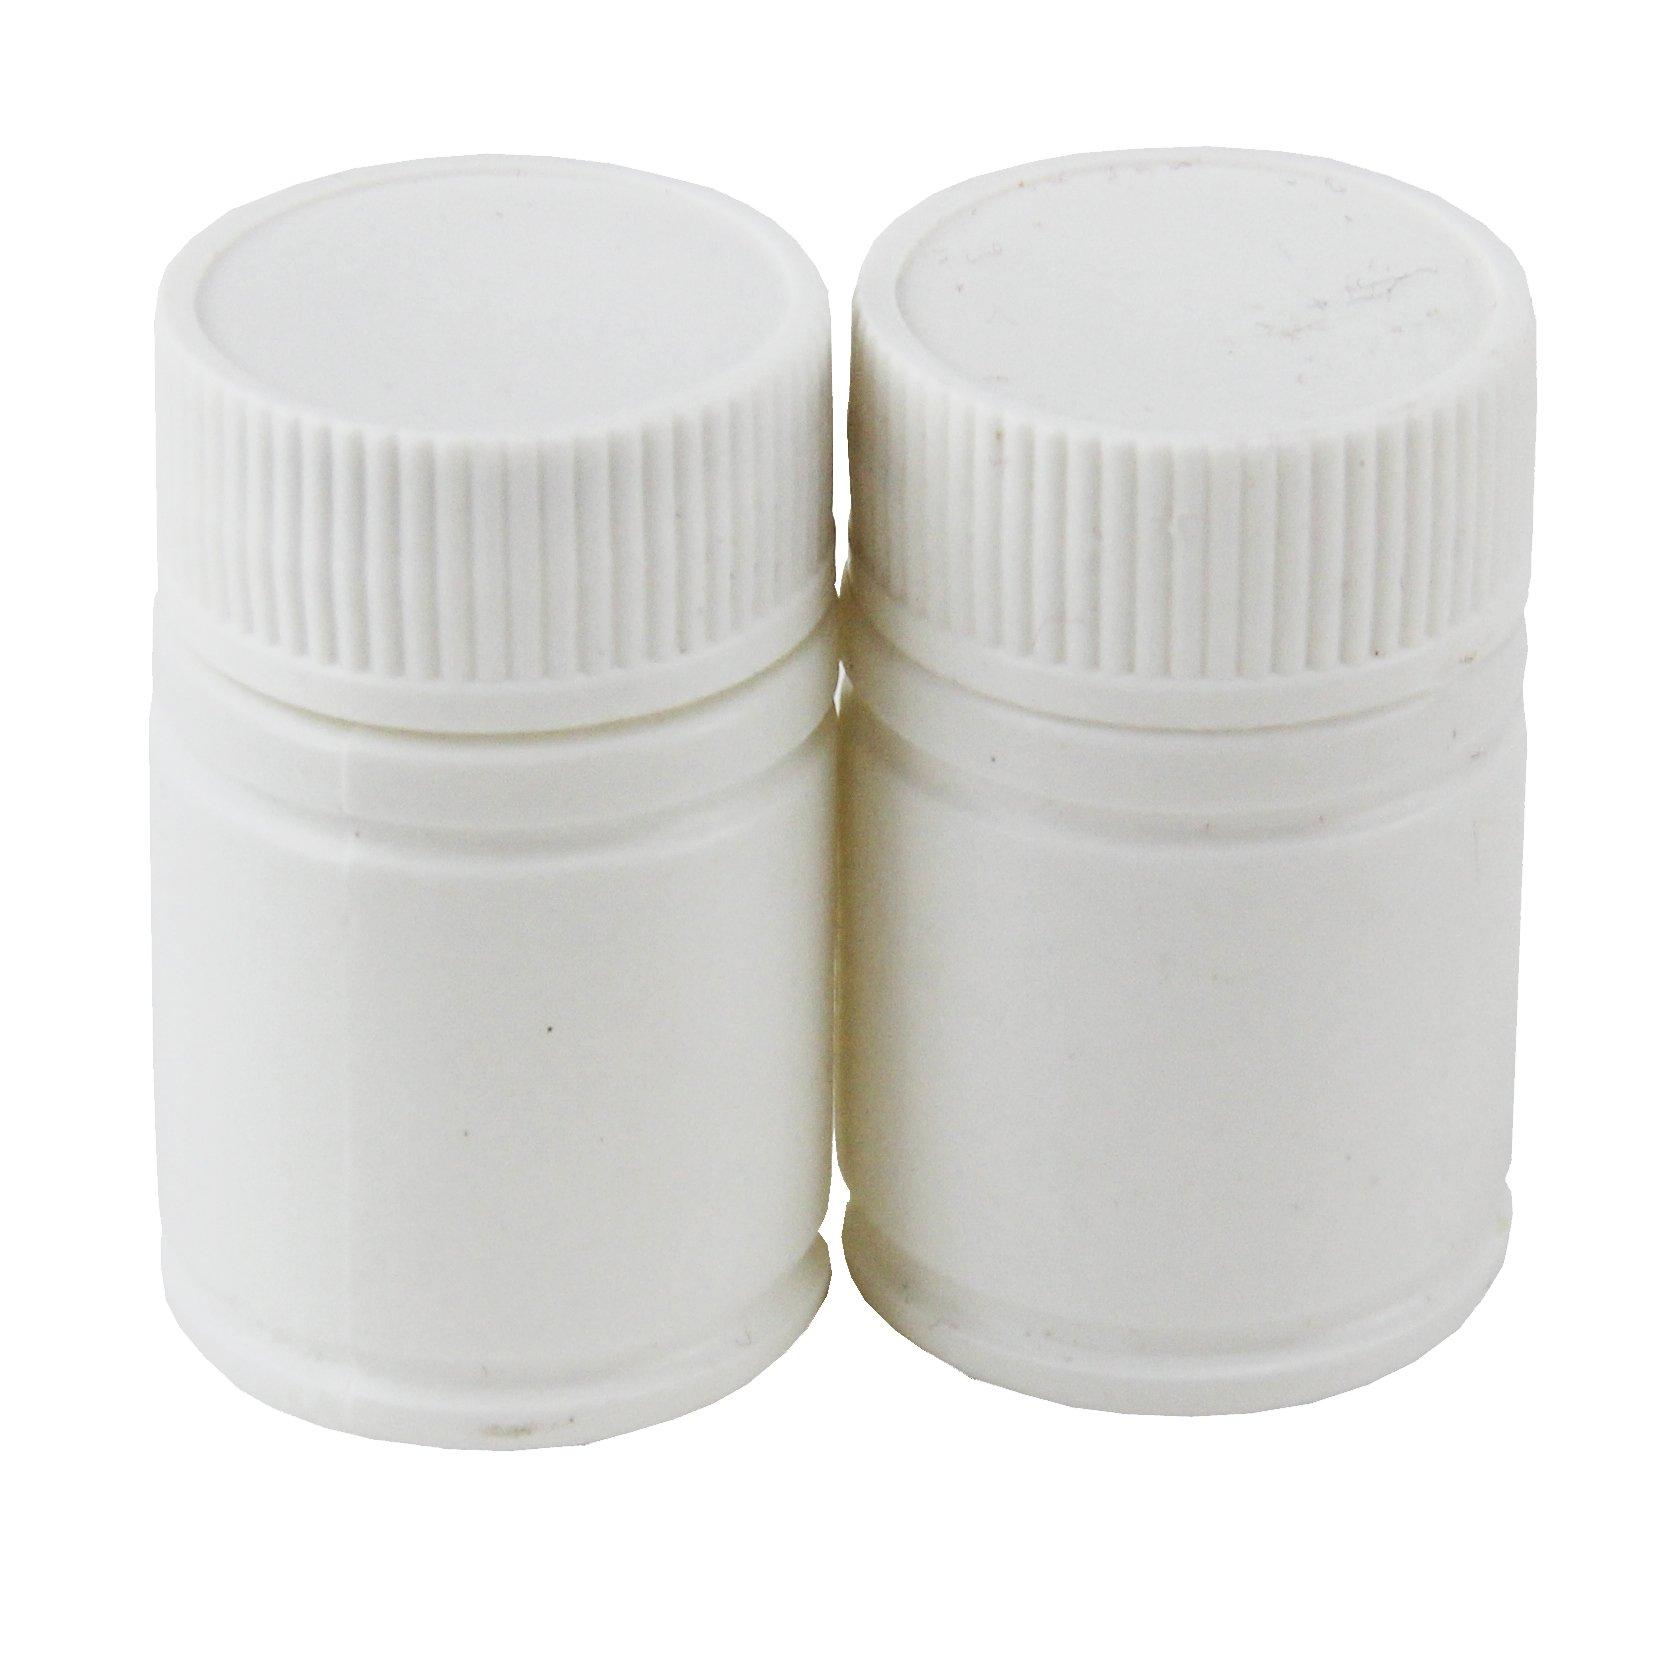 Portable Handheld Induction Sealer Bottle Cap Sealer for Cap Sizes 15mm -100mm 110 V from U.S. SOLID